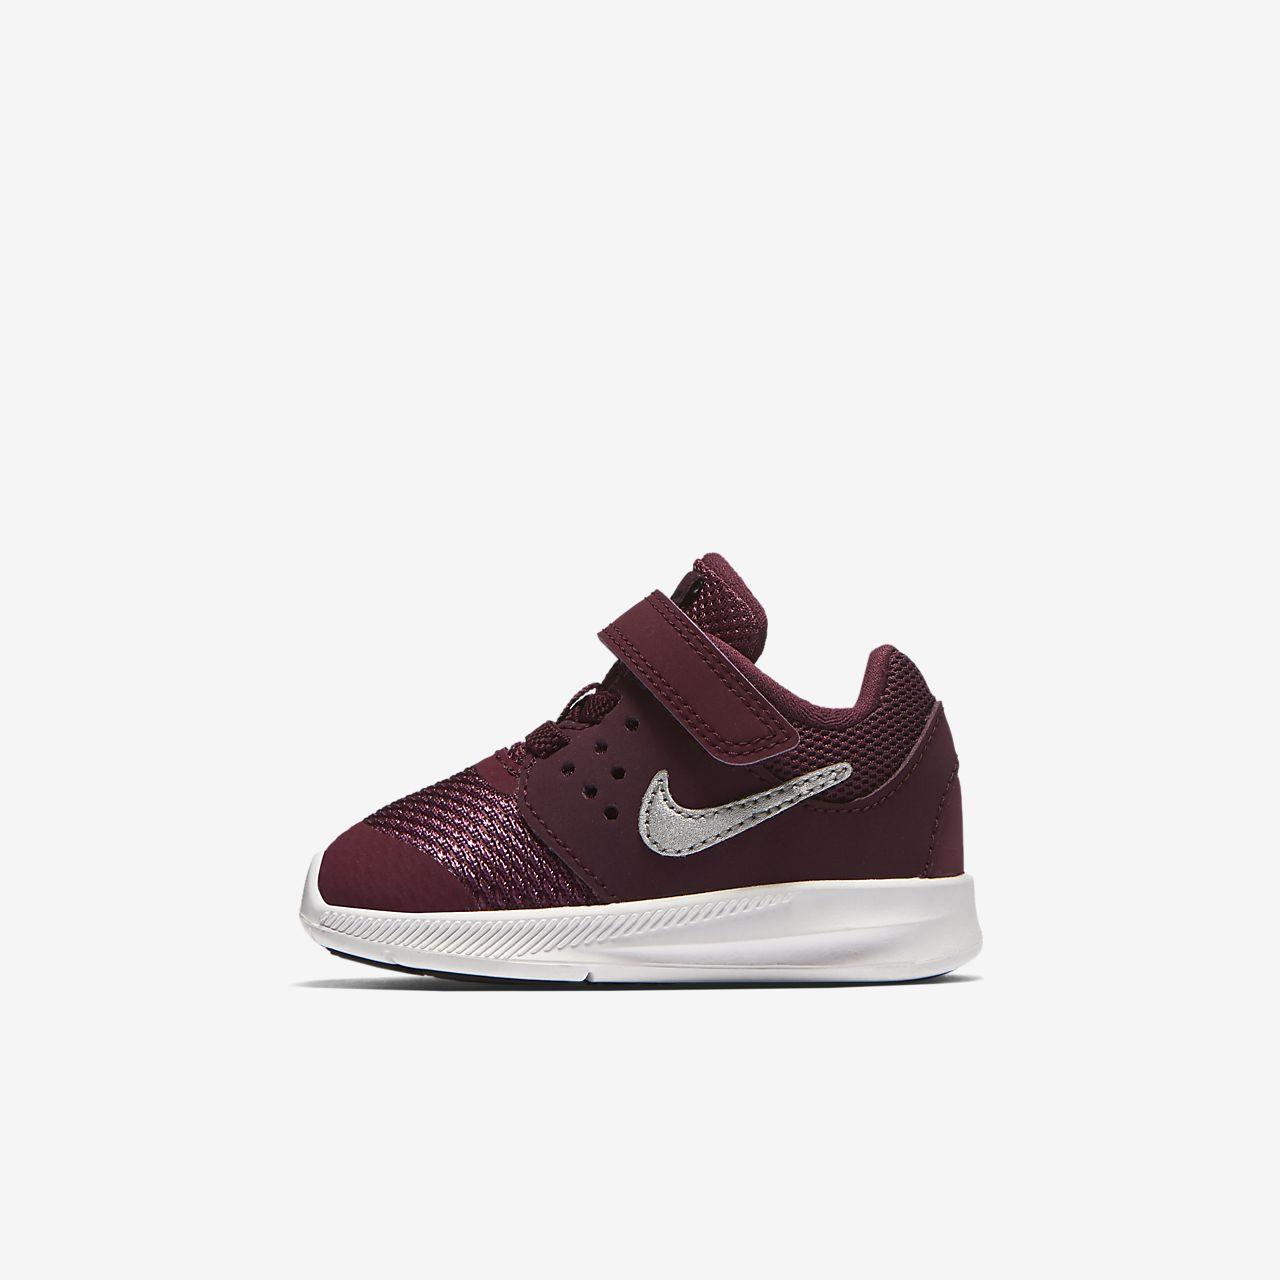 ... Chaussure Nike Downshifter 7 pour Bébé/Petit enfant